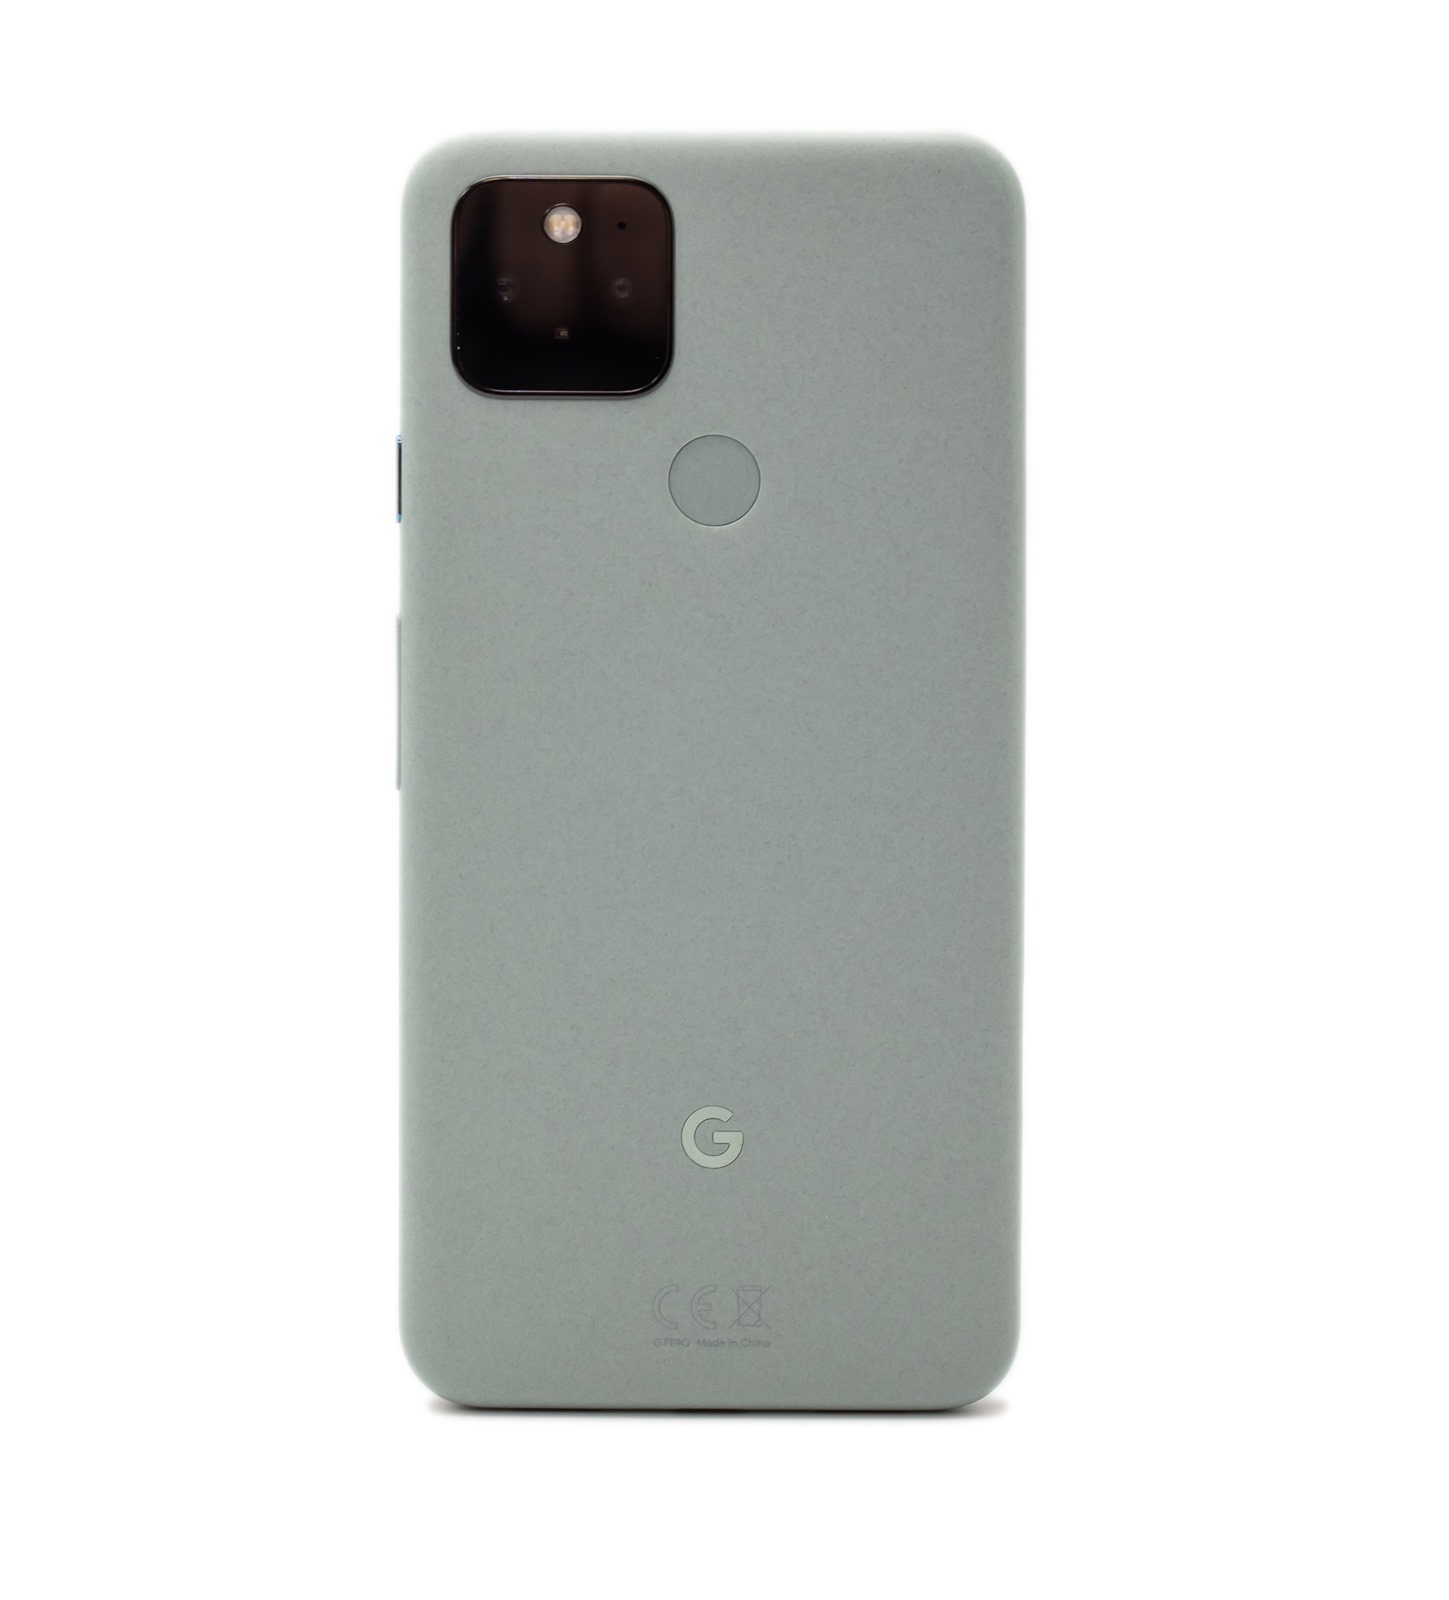 更親民的 Pixel 旗艦機 – Google Pixel 5 灰綠色 (1) 開箱,看看盒中有什麼? ( Google Pixel 5 Unboxing) 附規格 / 彙整資料 @3C 達人廖阿輝